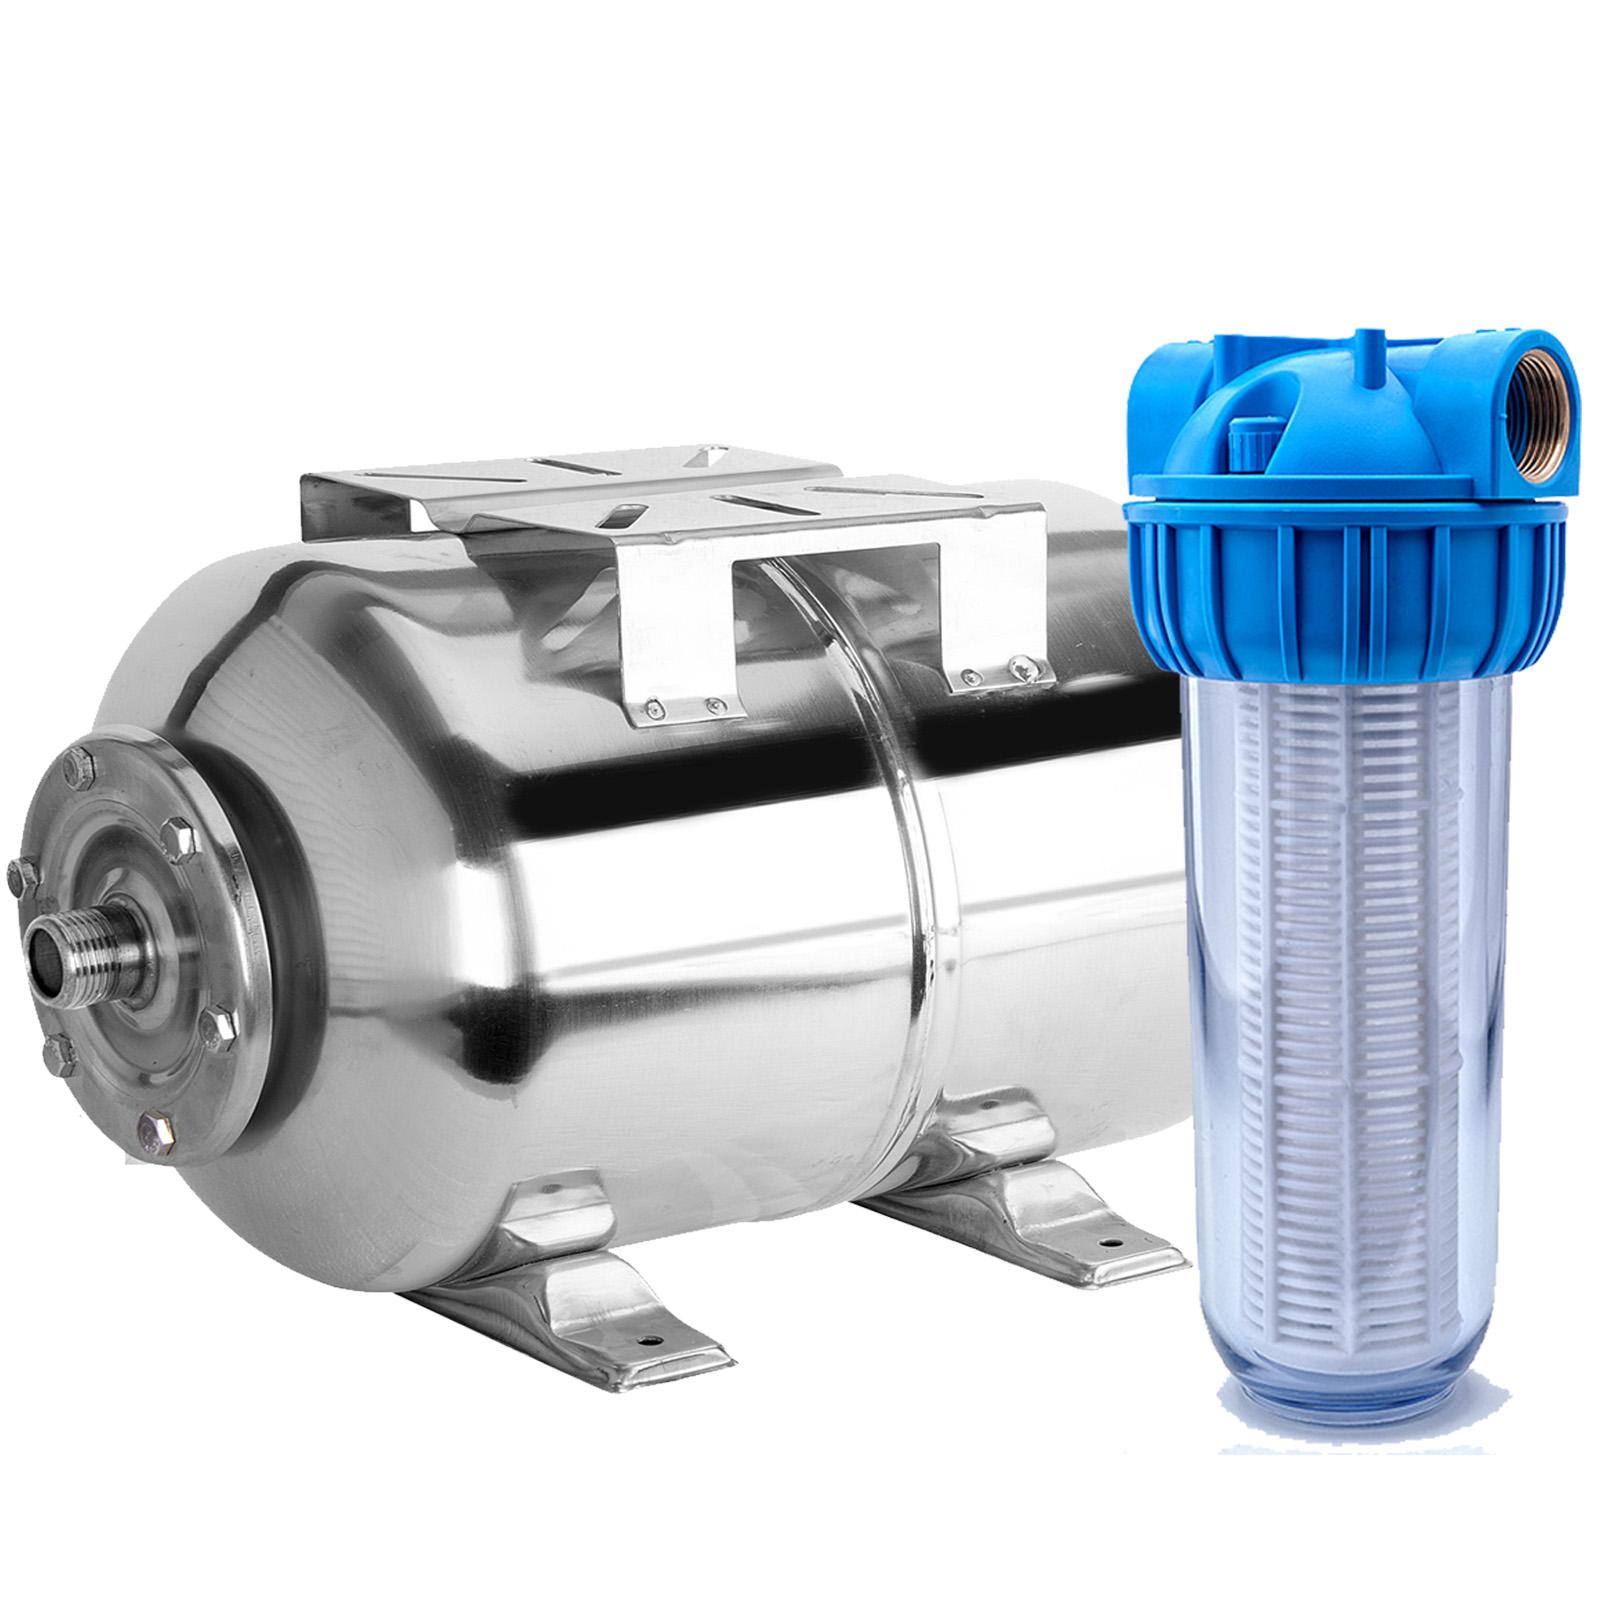 24l edelstahl hauswasserwerk membrankessel ausdehnungsgef 24 liter druckkessel ebay. Black Bedroom Furniture Sets. Home Design Ideas